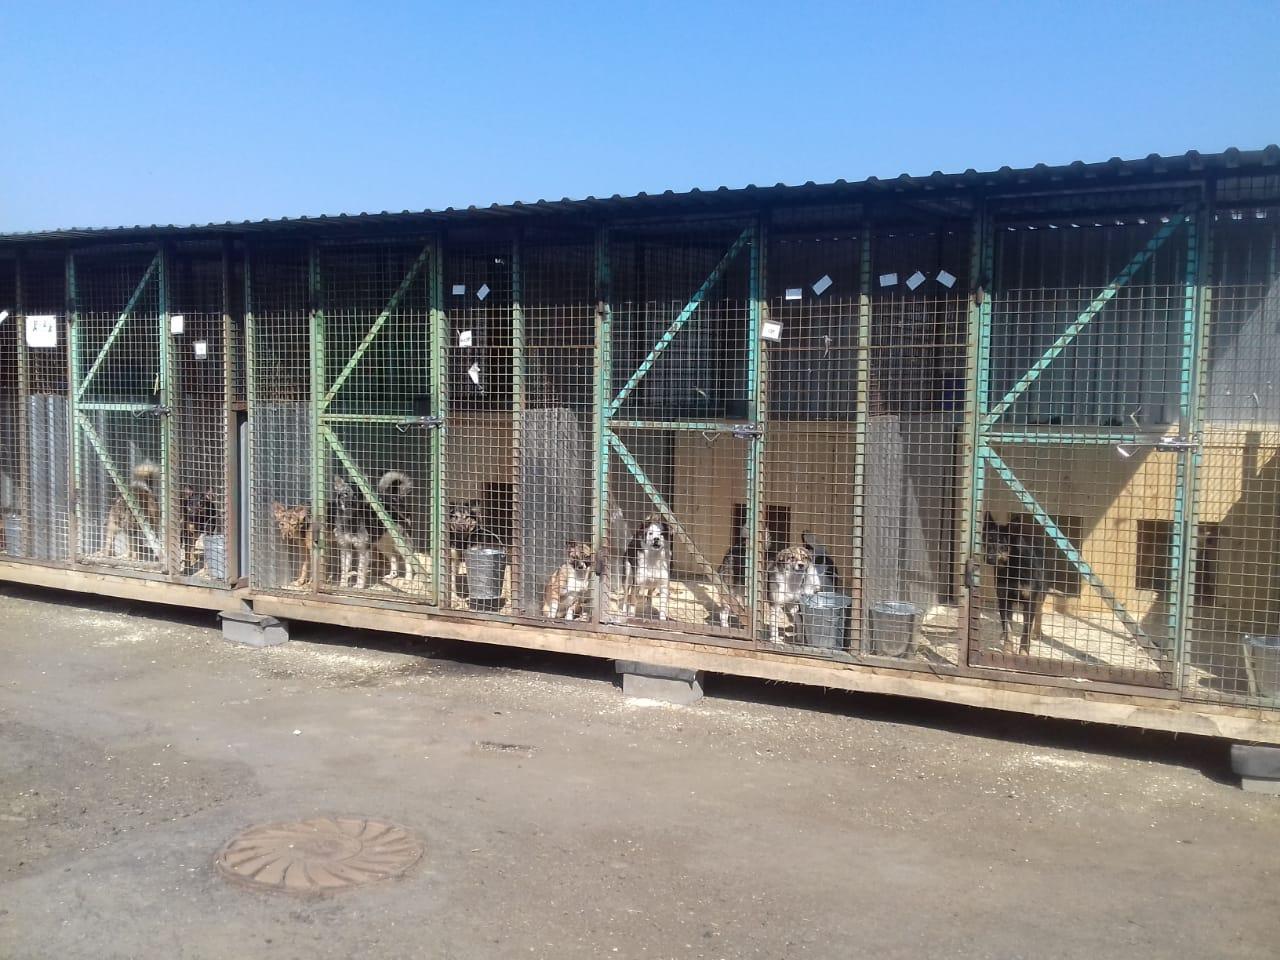 Открывается обновлённый государственный приют для бездомных животных в Щербинке